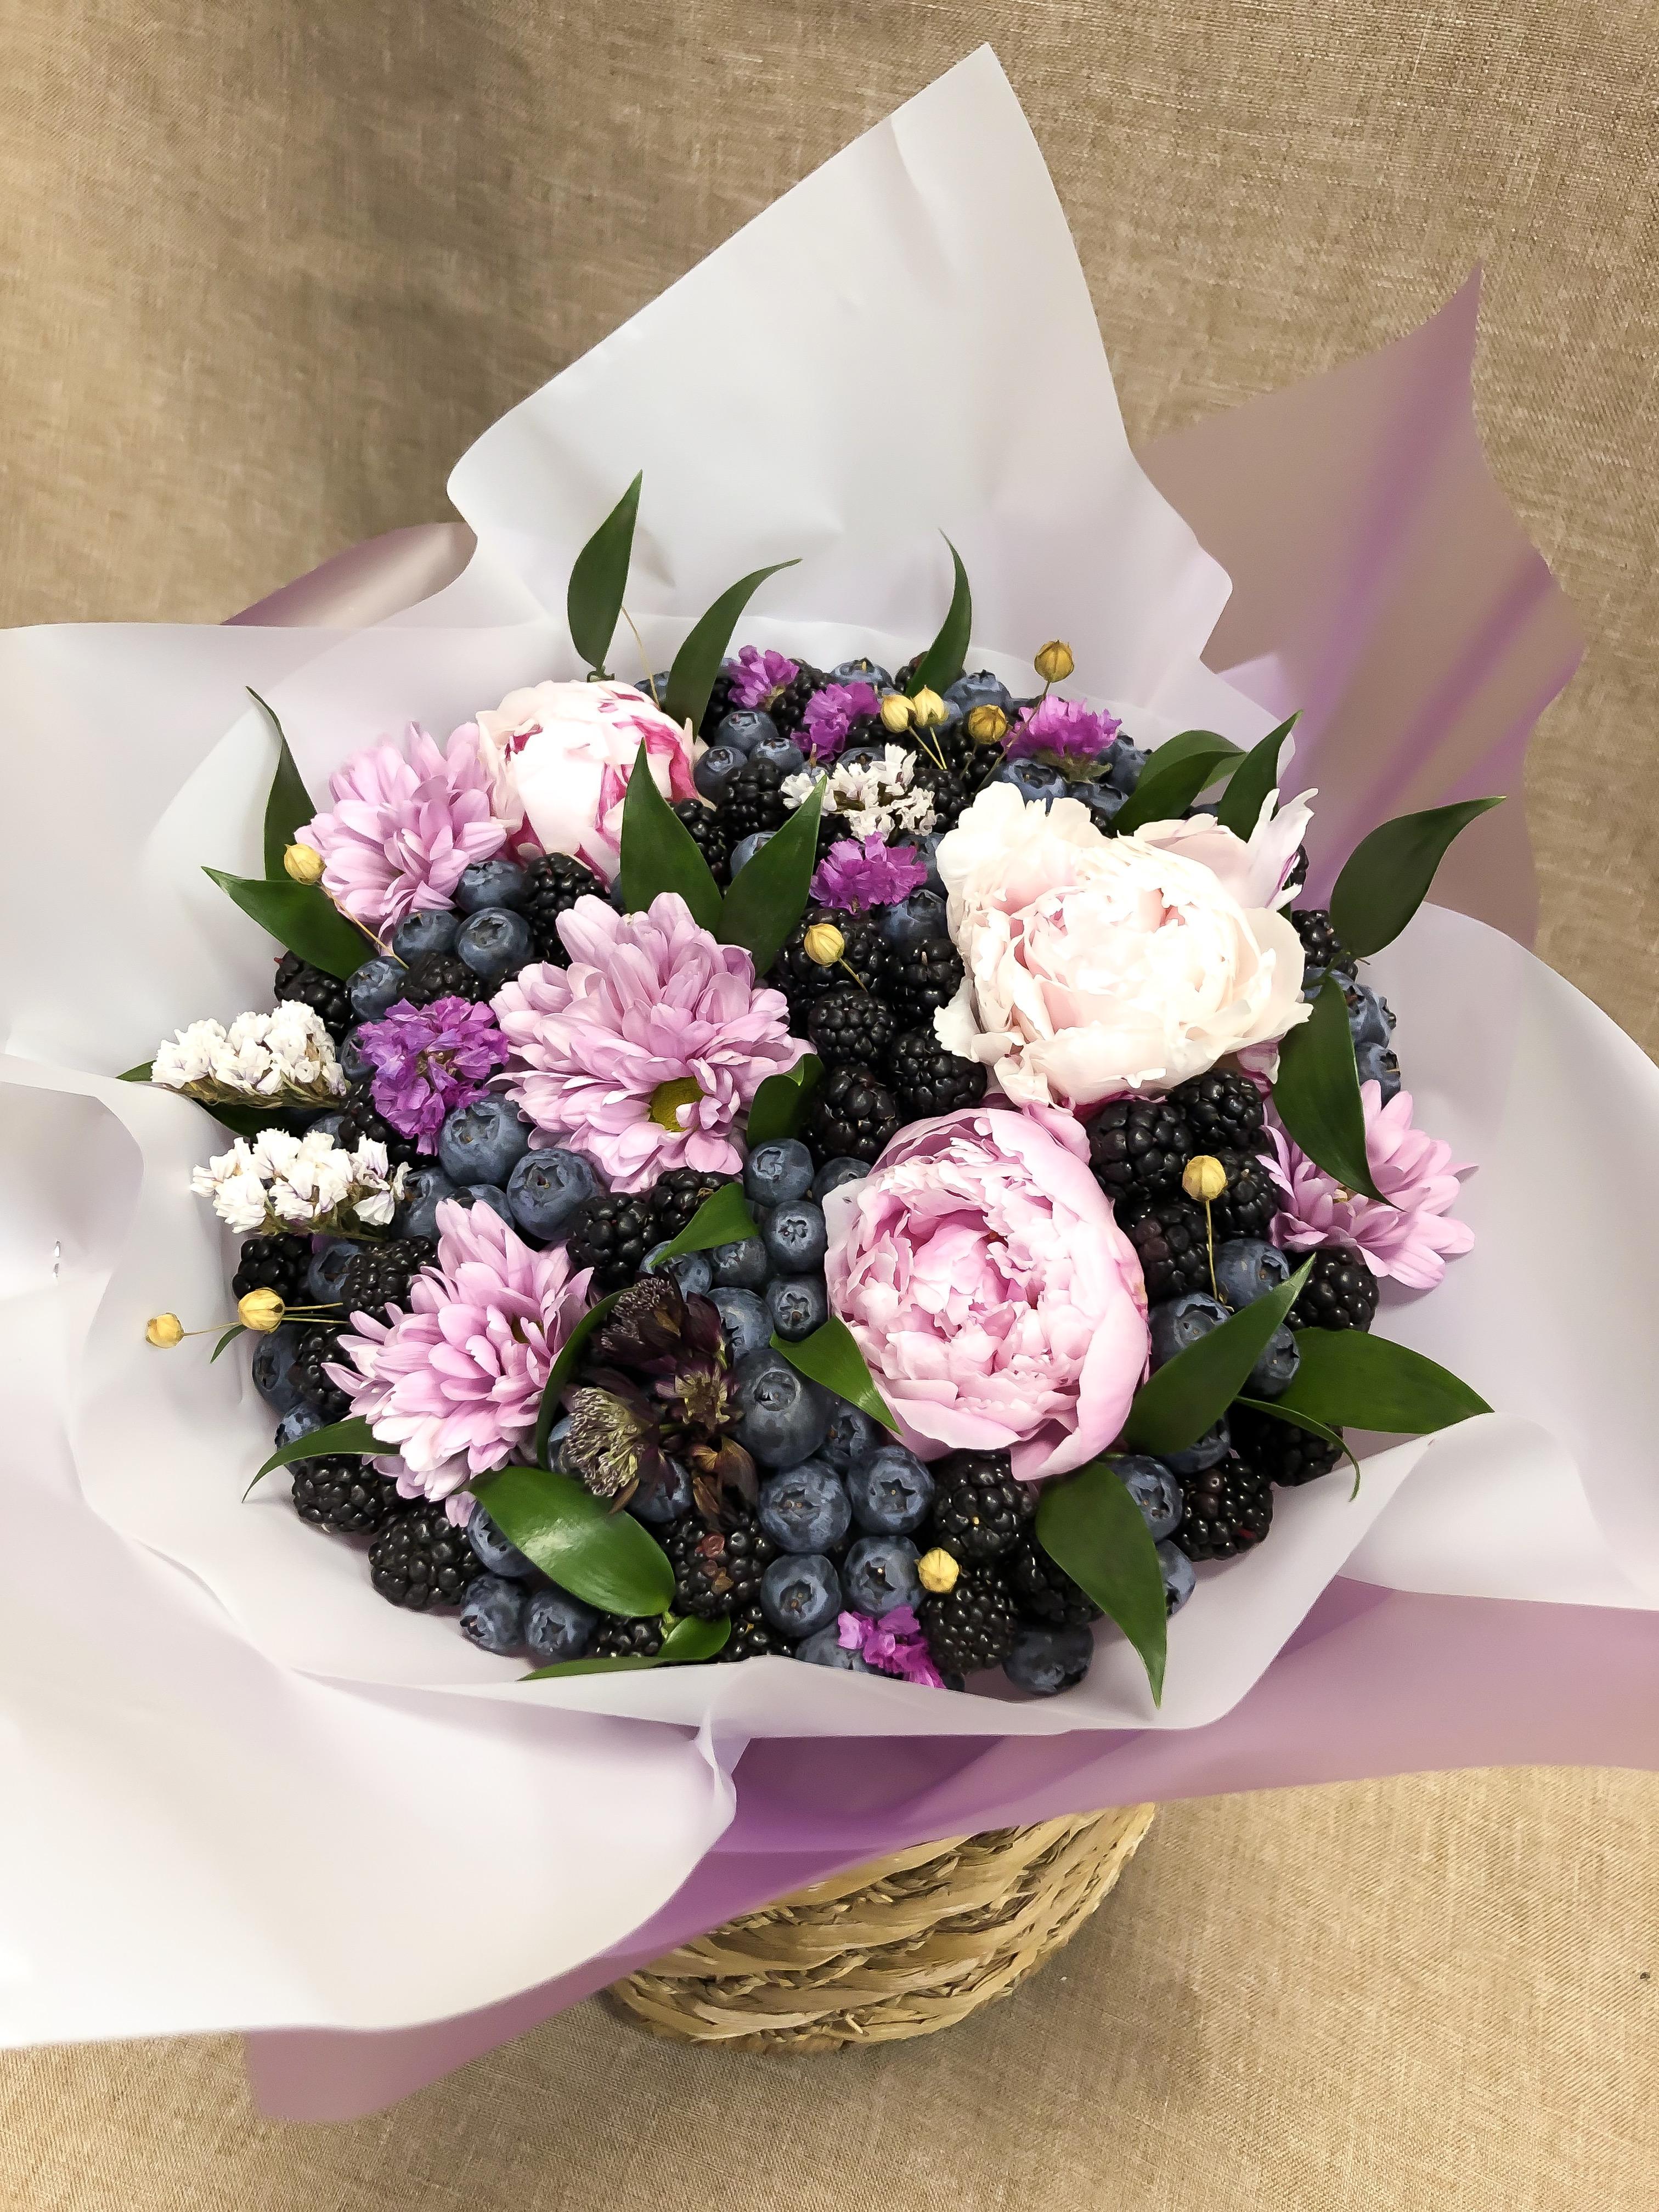 Букетс ежевикой, голубикой и цветами